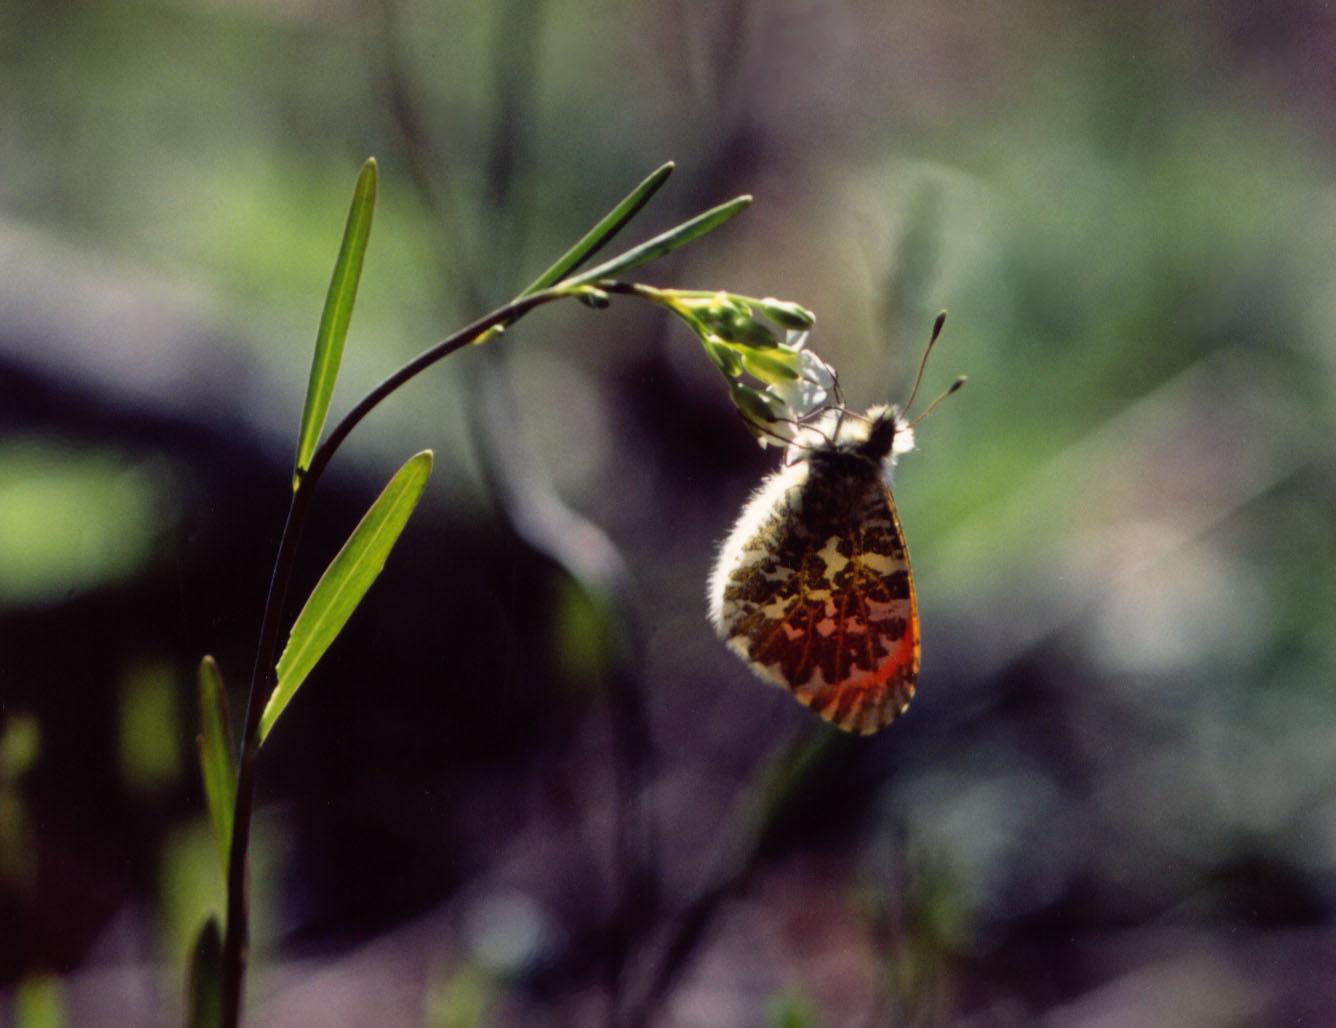 ハタザオで吸蜜するクモマツマキチョウ♂(逆光ぶらさがり)